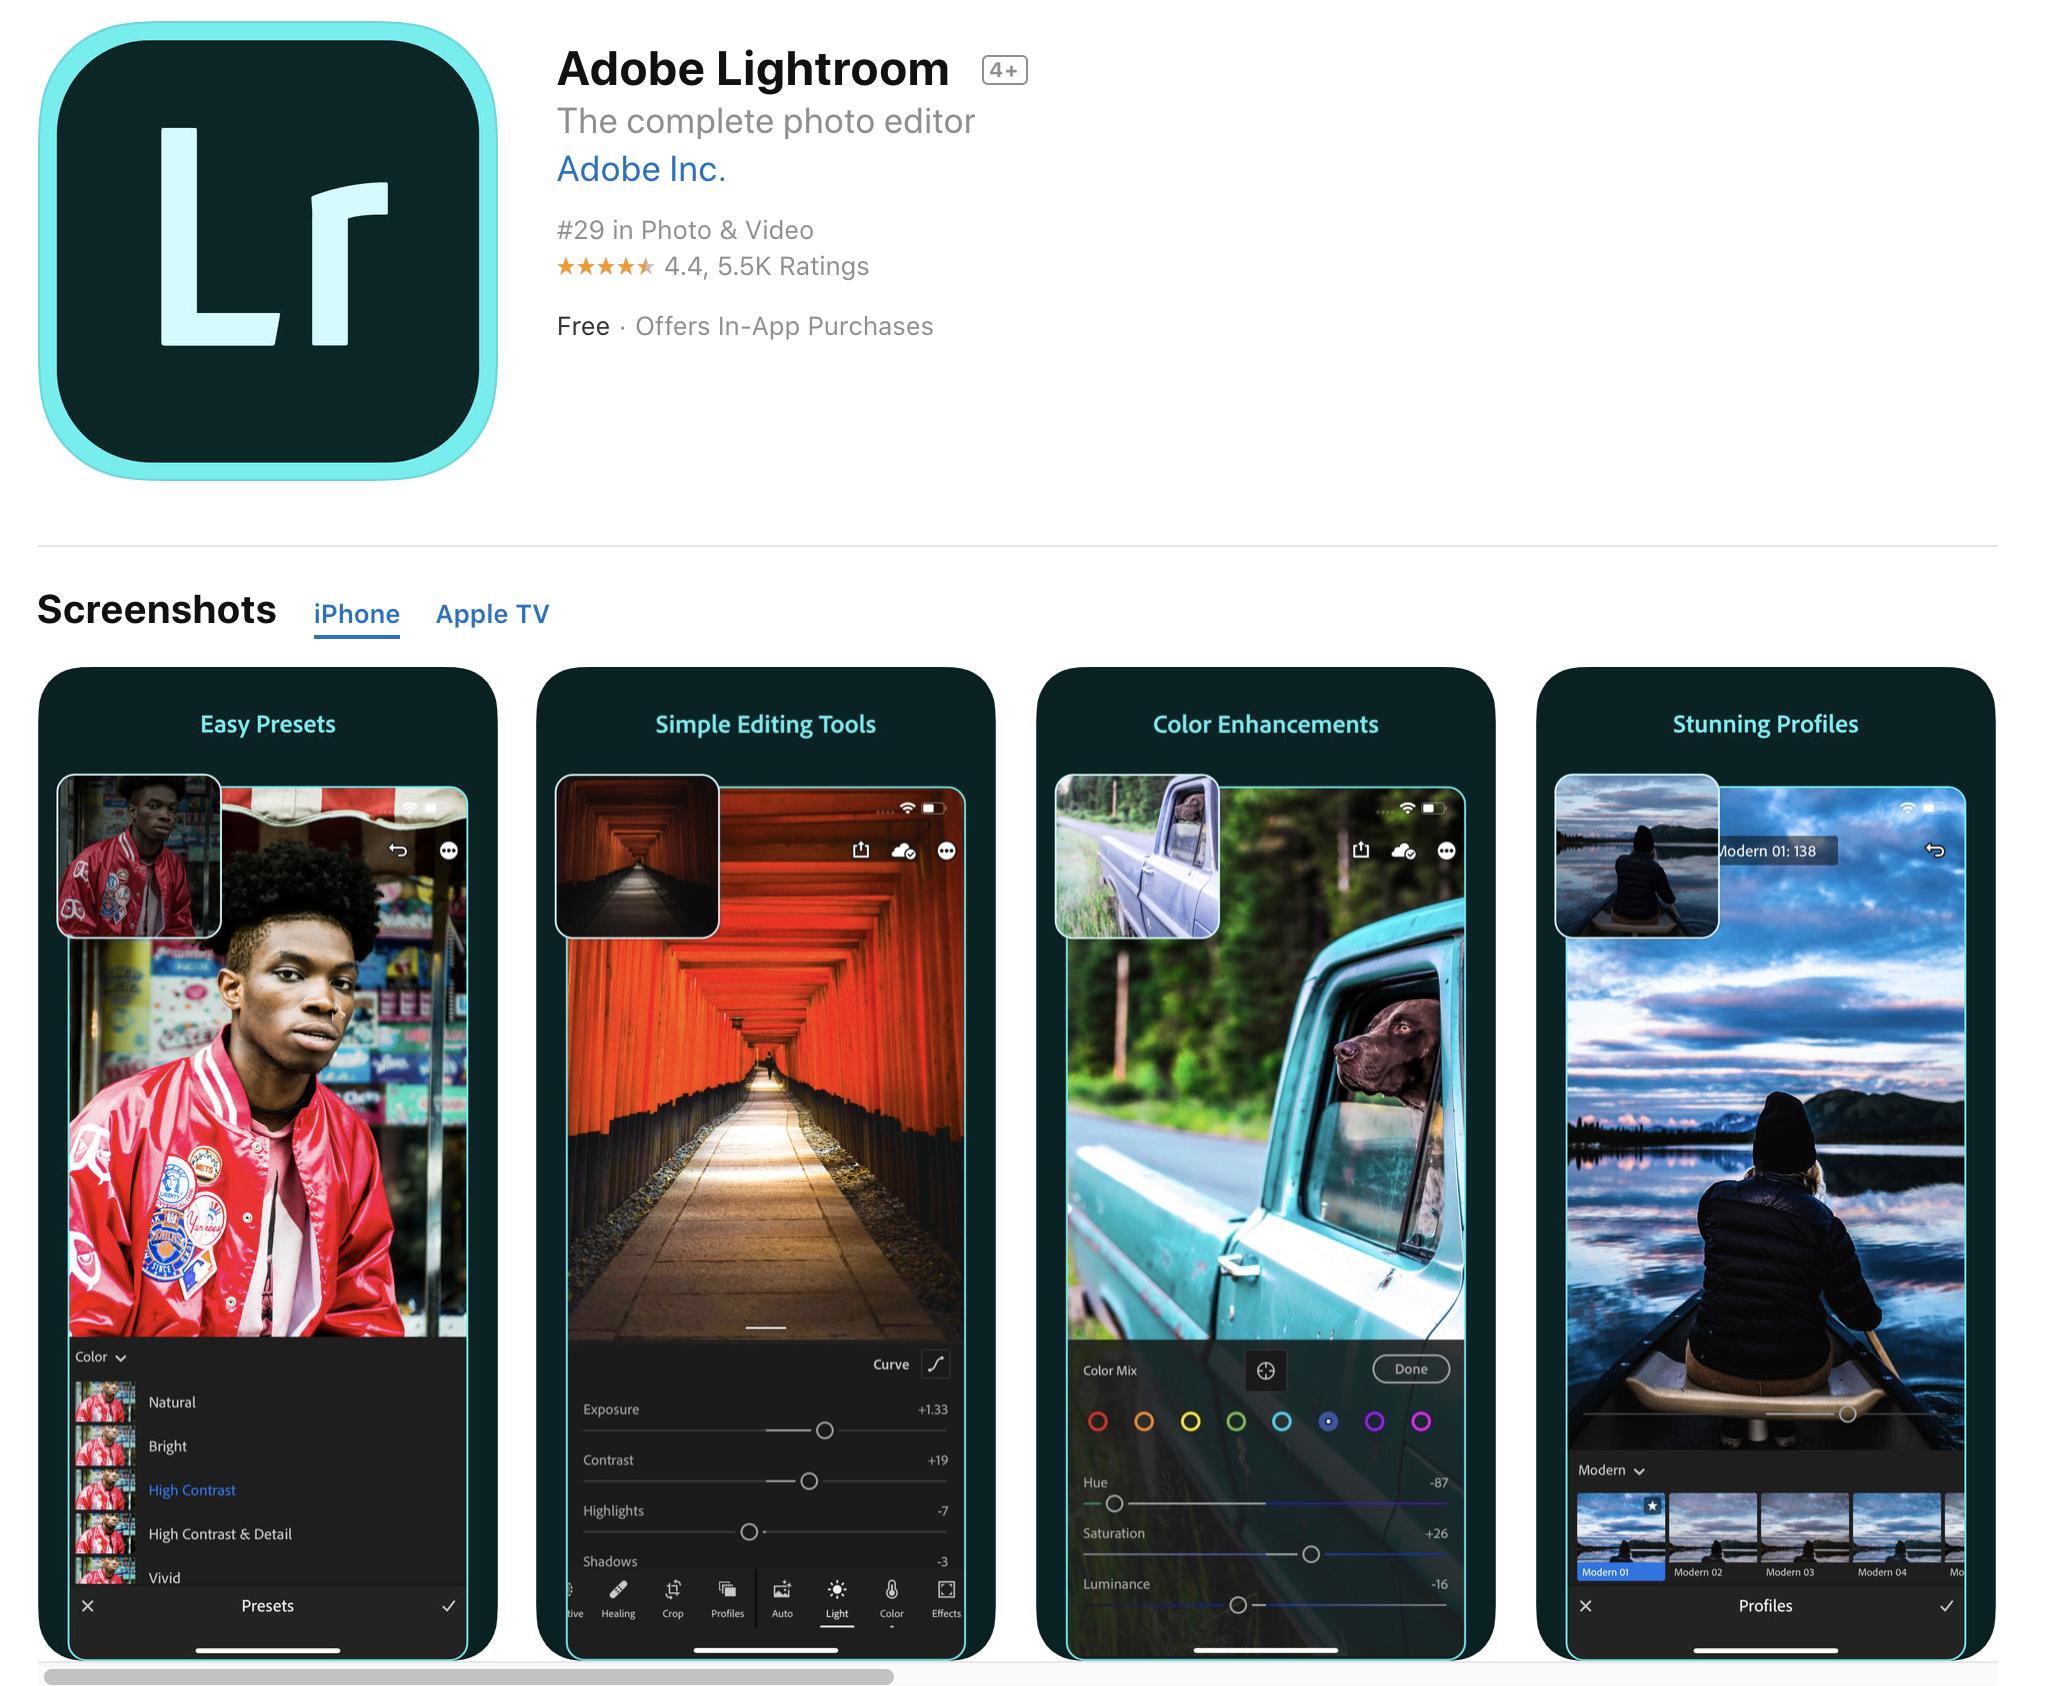 Adobe Lightroom Mobile App